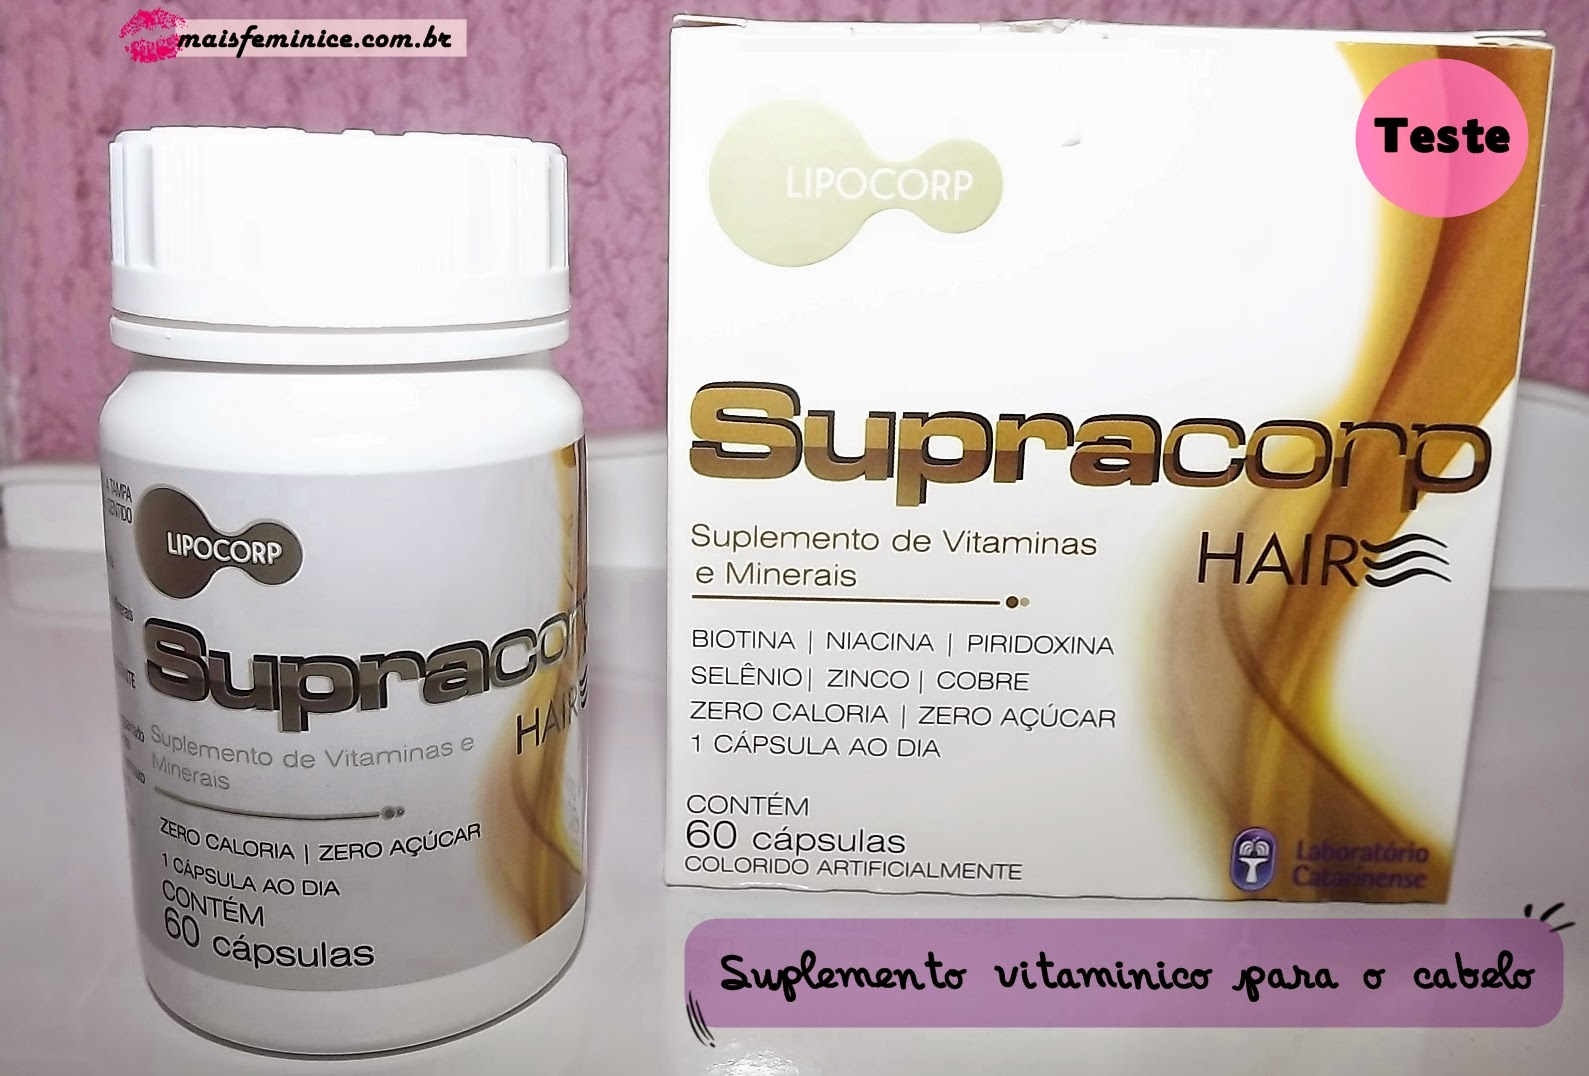 Supracorp Hair - suplemento de vitaminas e nutrientes